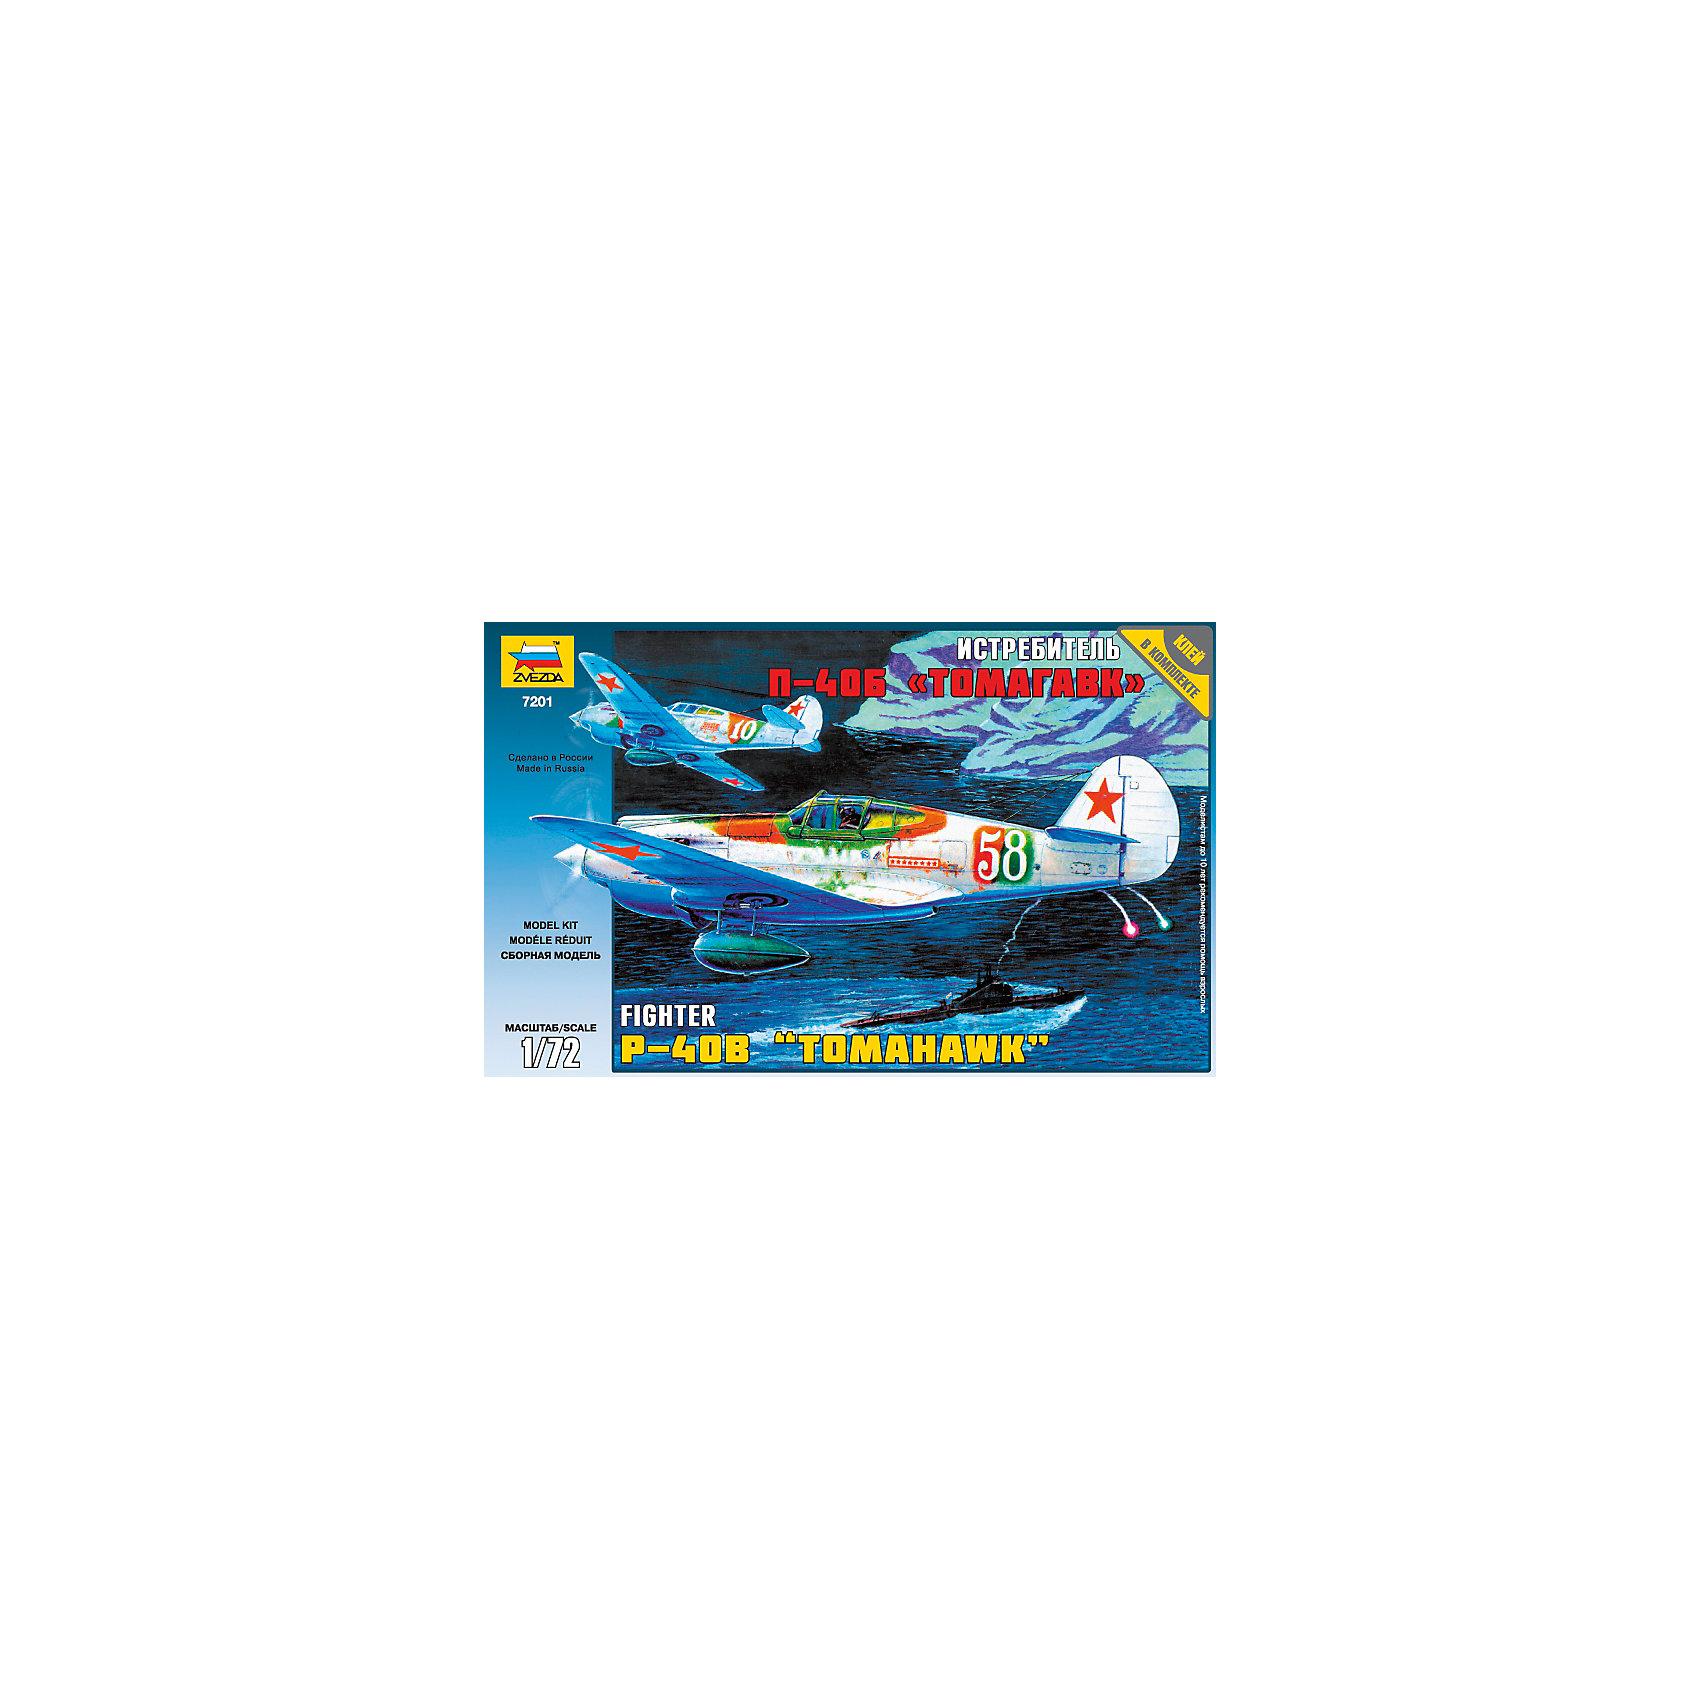 Звезда Сборная модель самолета Томагавк, Звезда звезда самолет томагавк 7201з